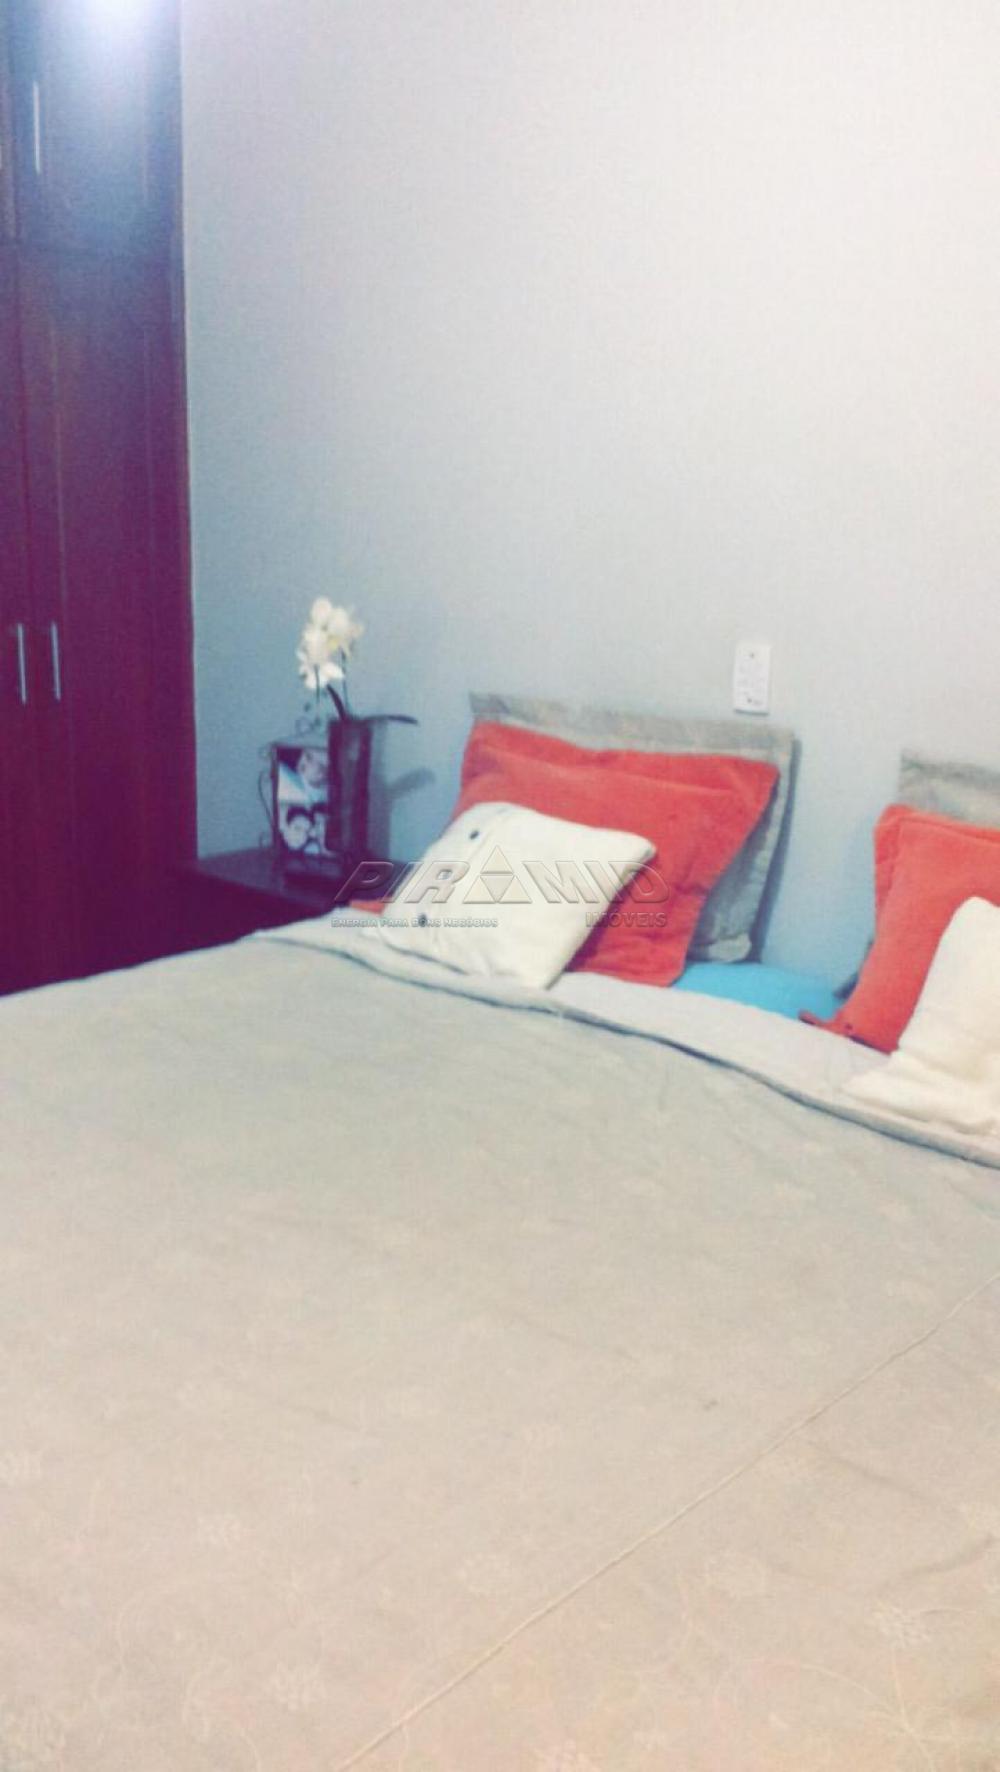 Comprar Apartamento / Padrão em Ribeirão Preto apenas R$ 290.000,00 - Foto 5